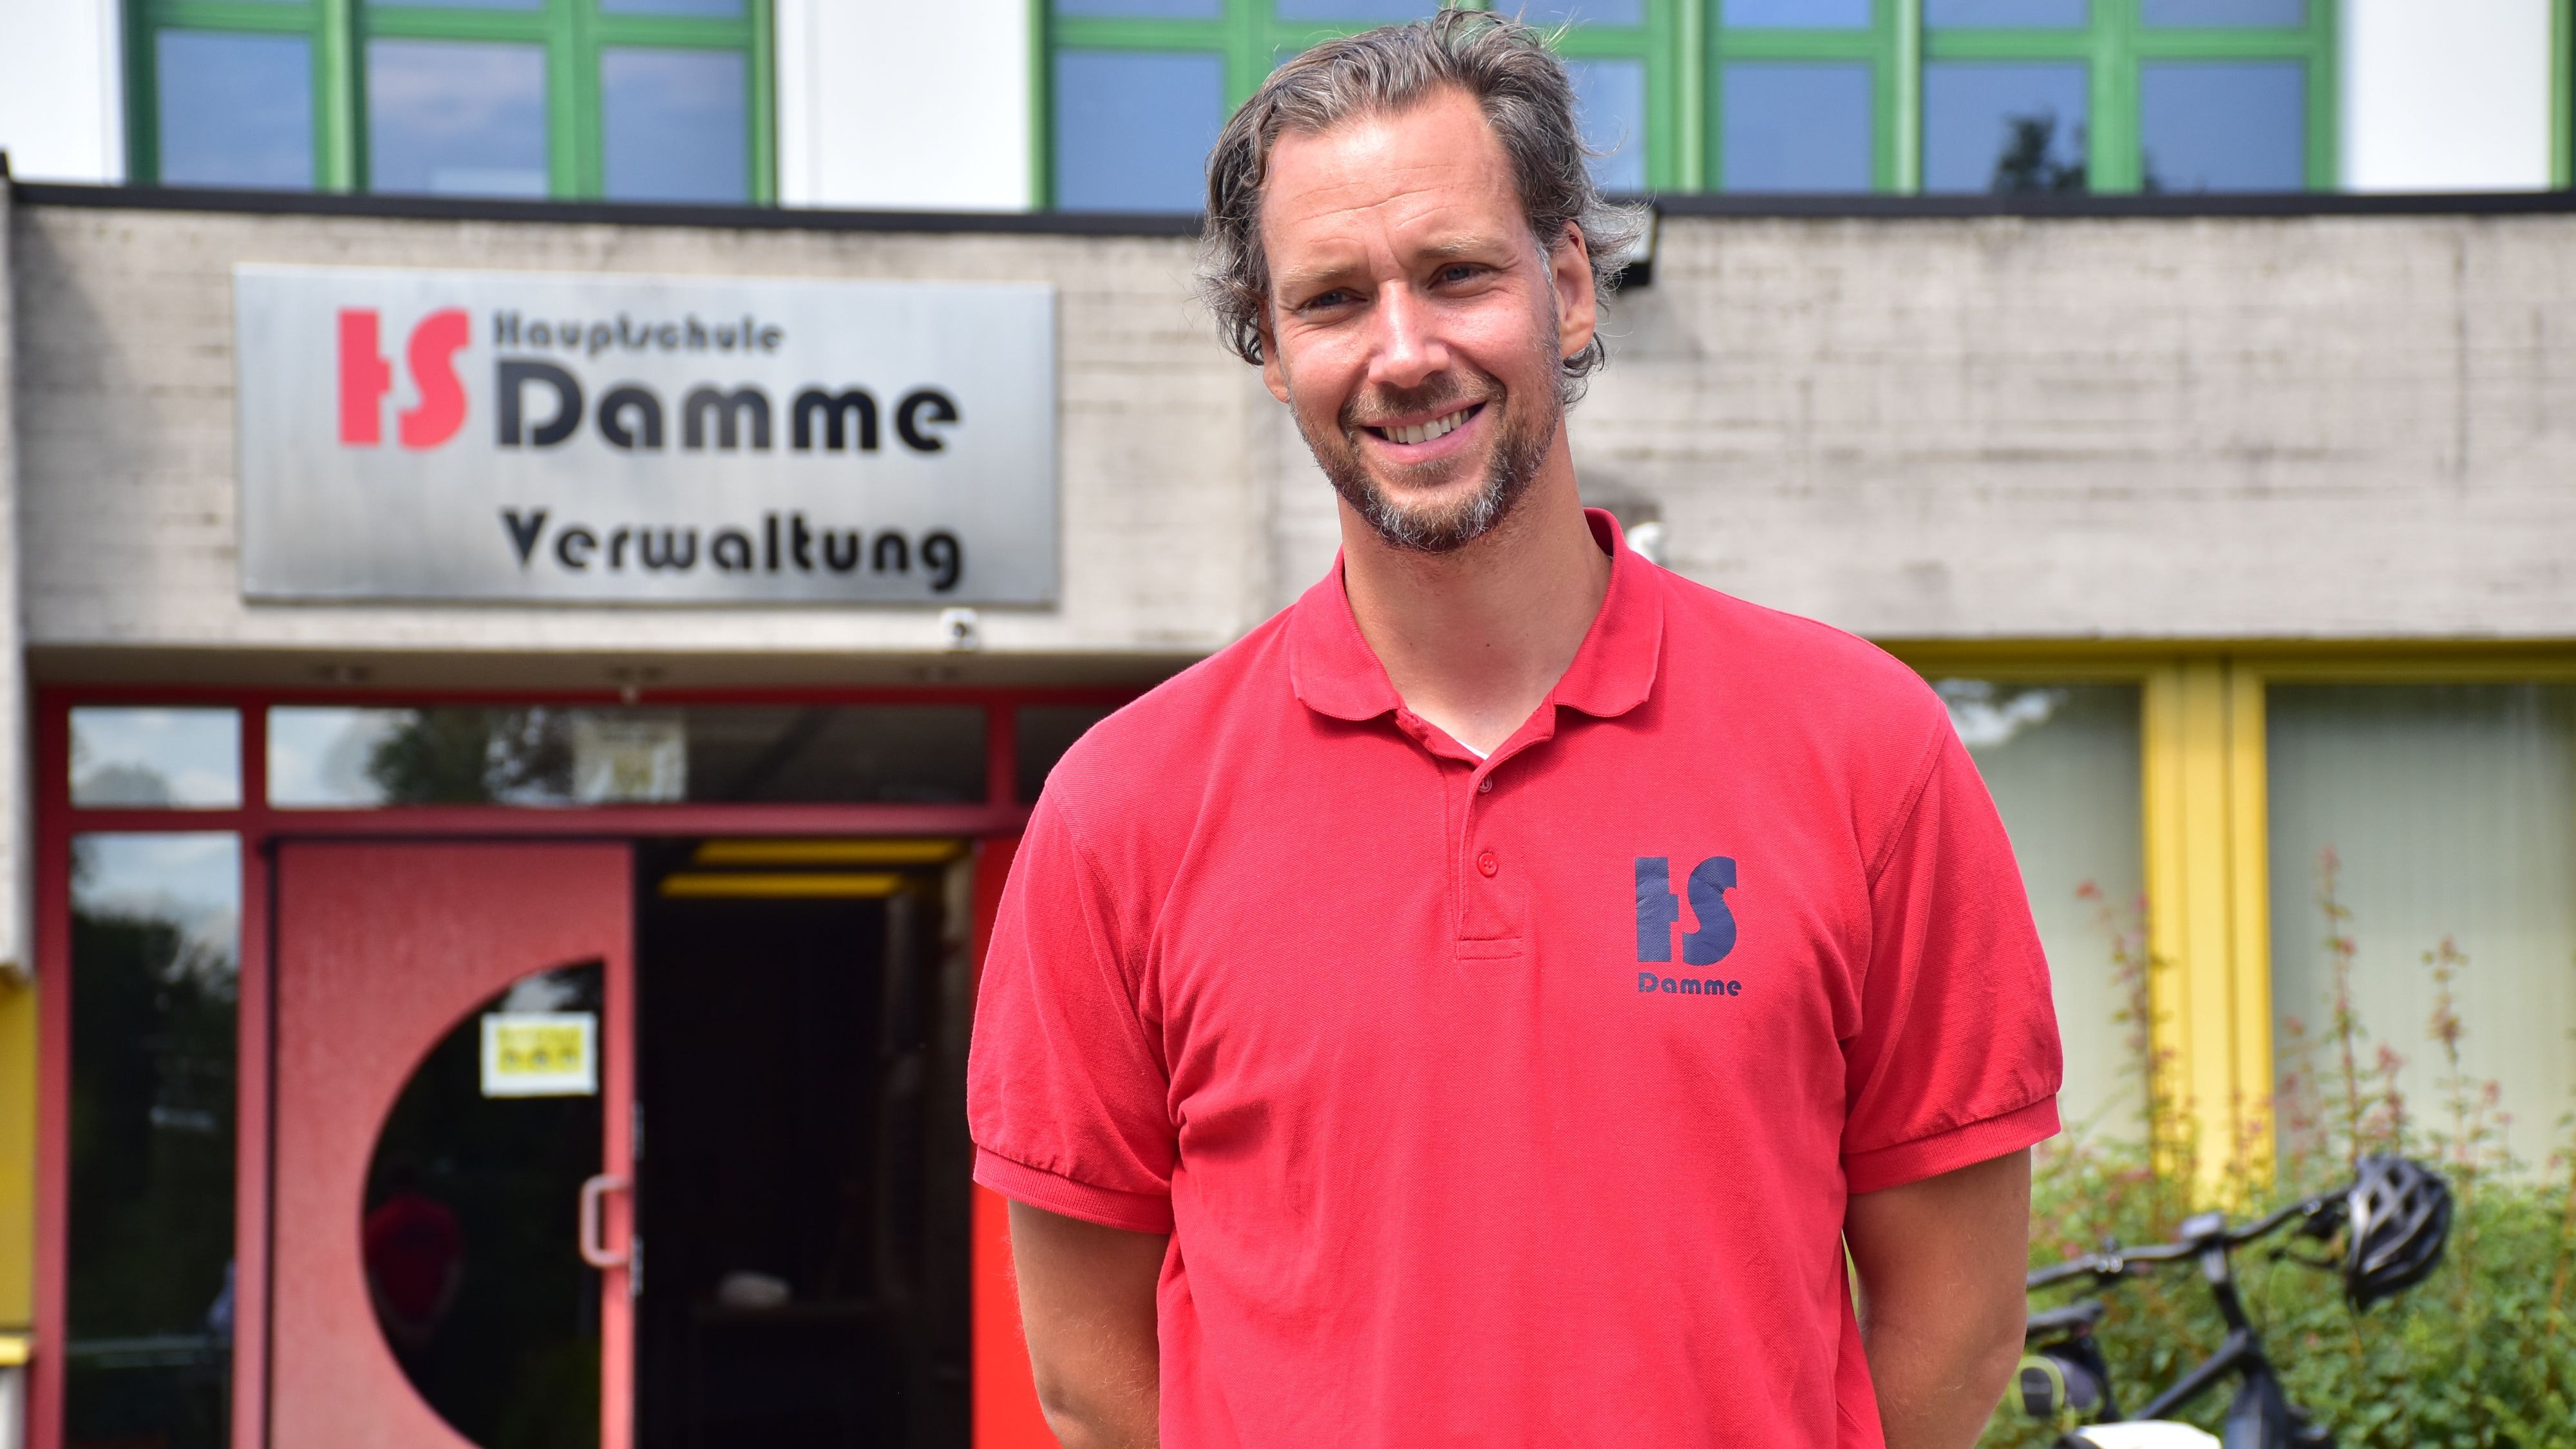 Klarer Appell: Jan Runge möchte, dass nach den Ferien für alle Schülerinnen und Schüler wieder Unterricht in den Schulen stattfindet, selbst wenn er nur eingeschränkt möglich ist. Foto: Lammert